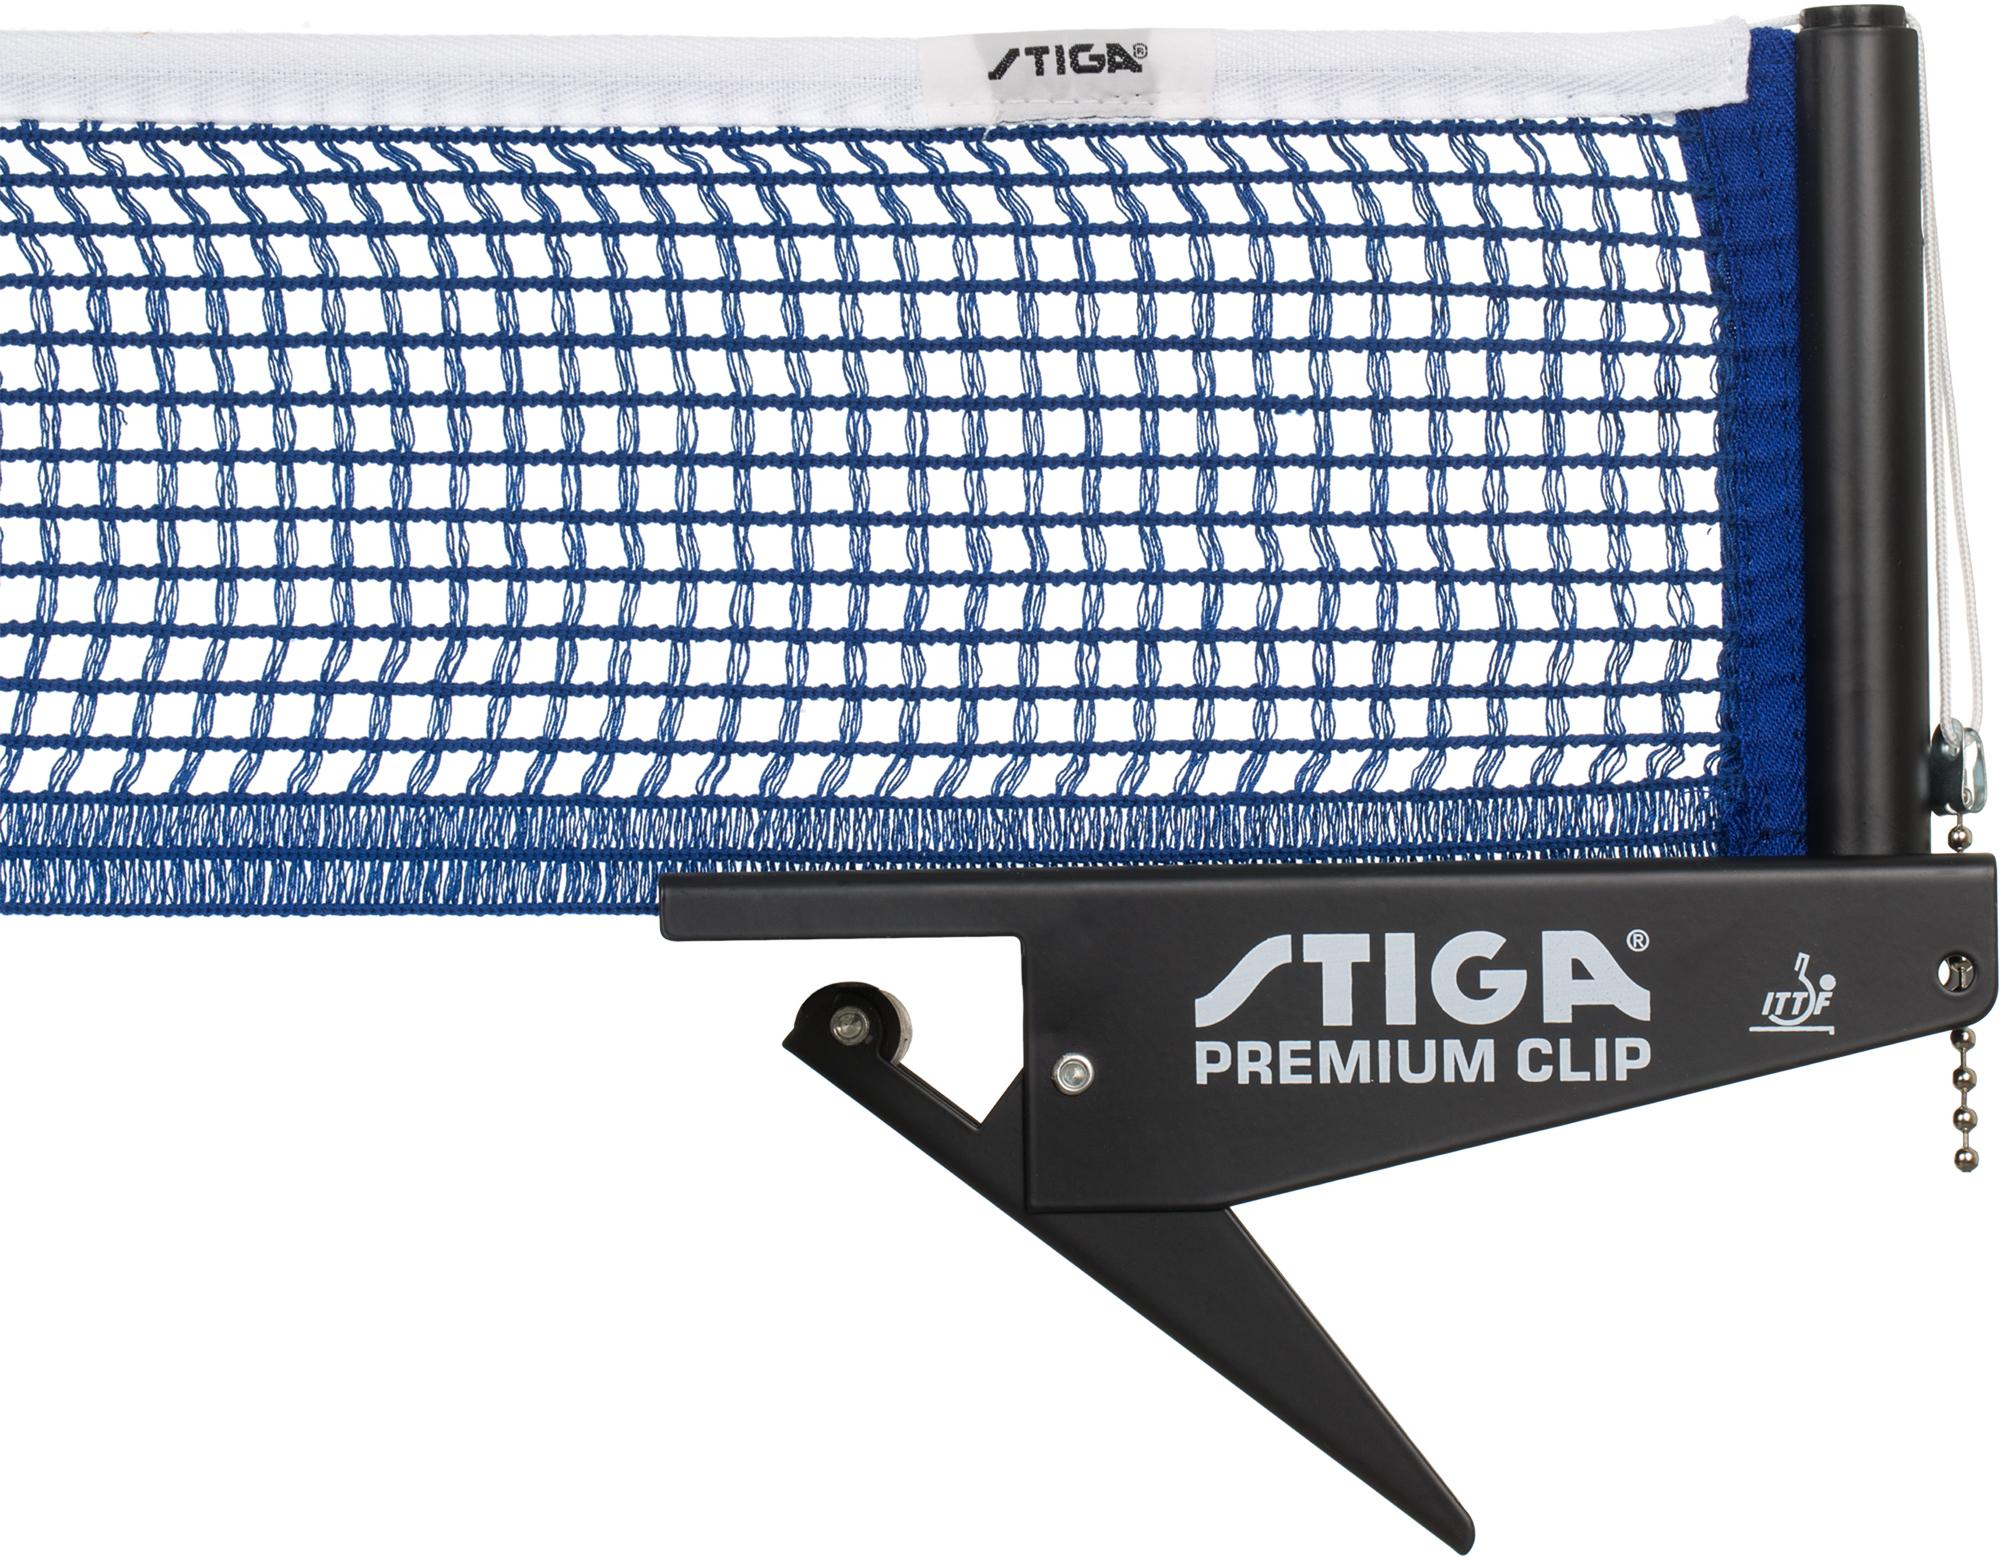 купить Stiga Сетка для настольного тенниса Stiga Premium Clip дешево